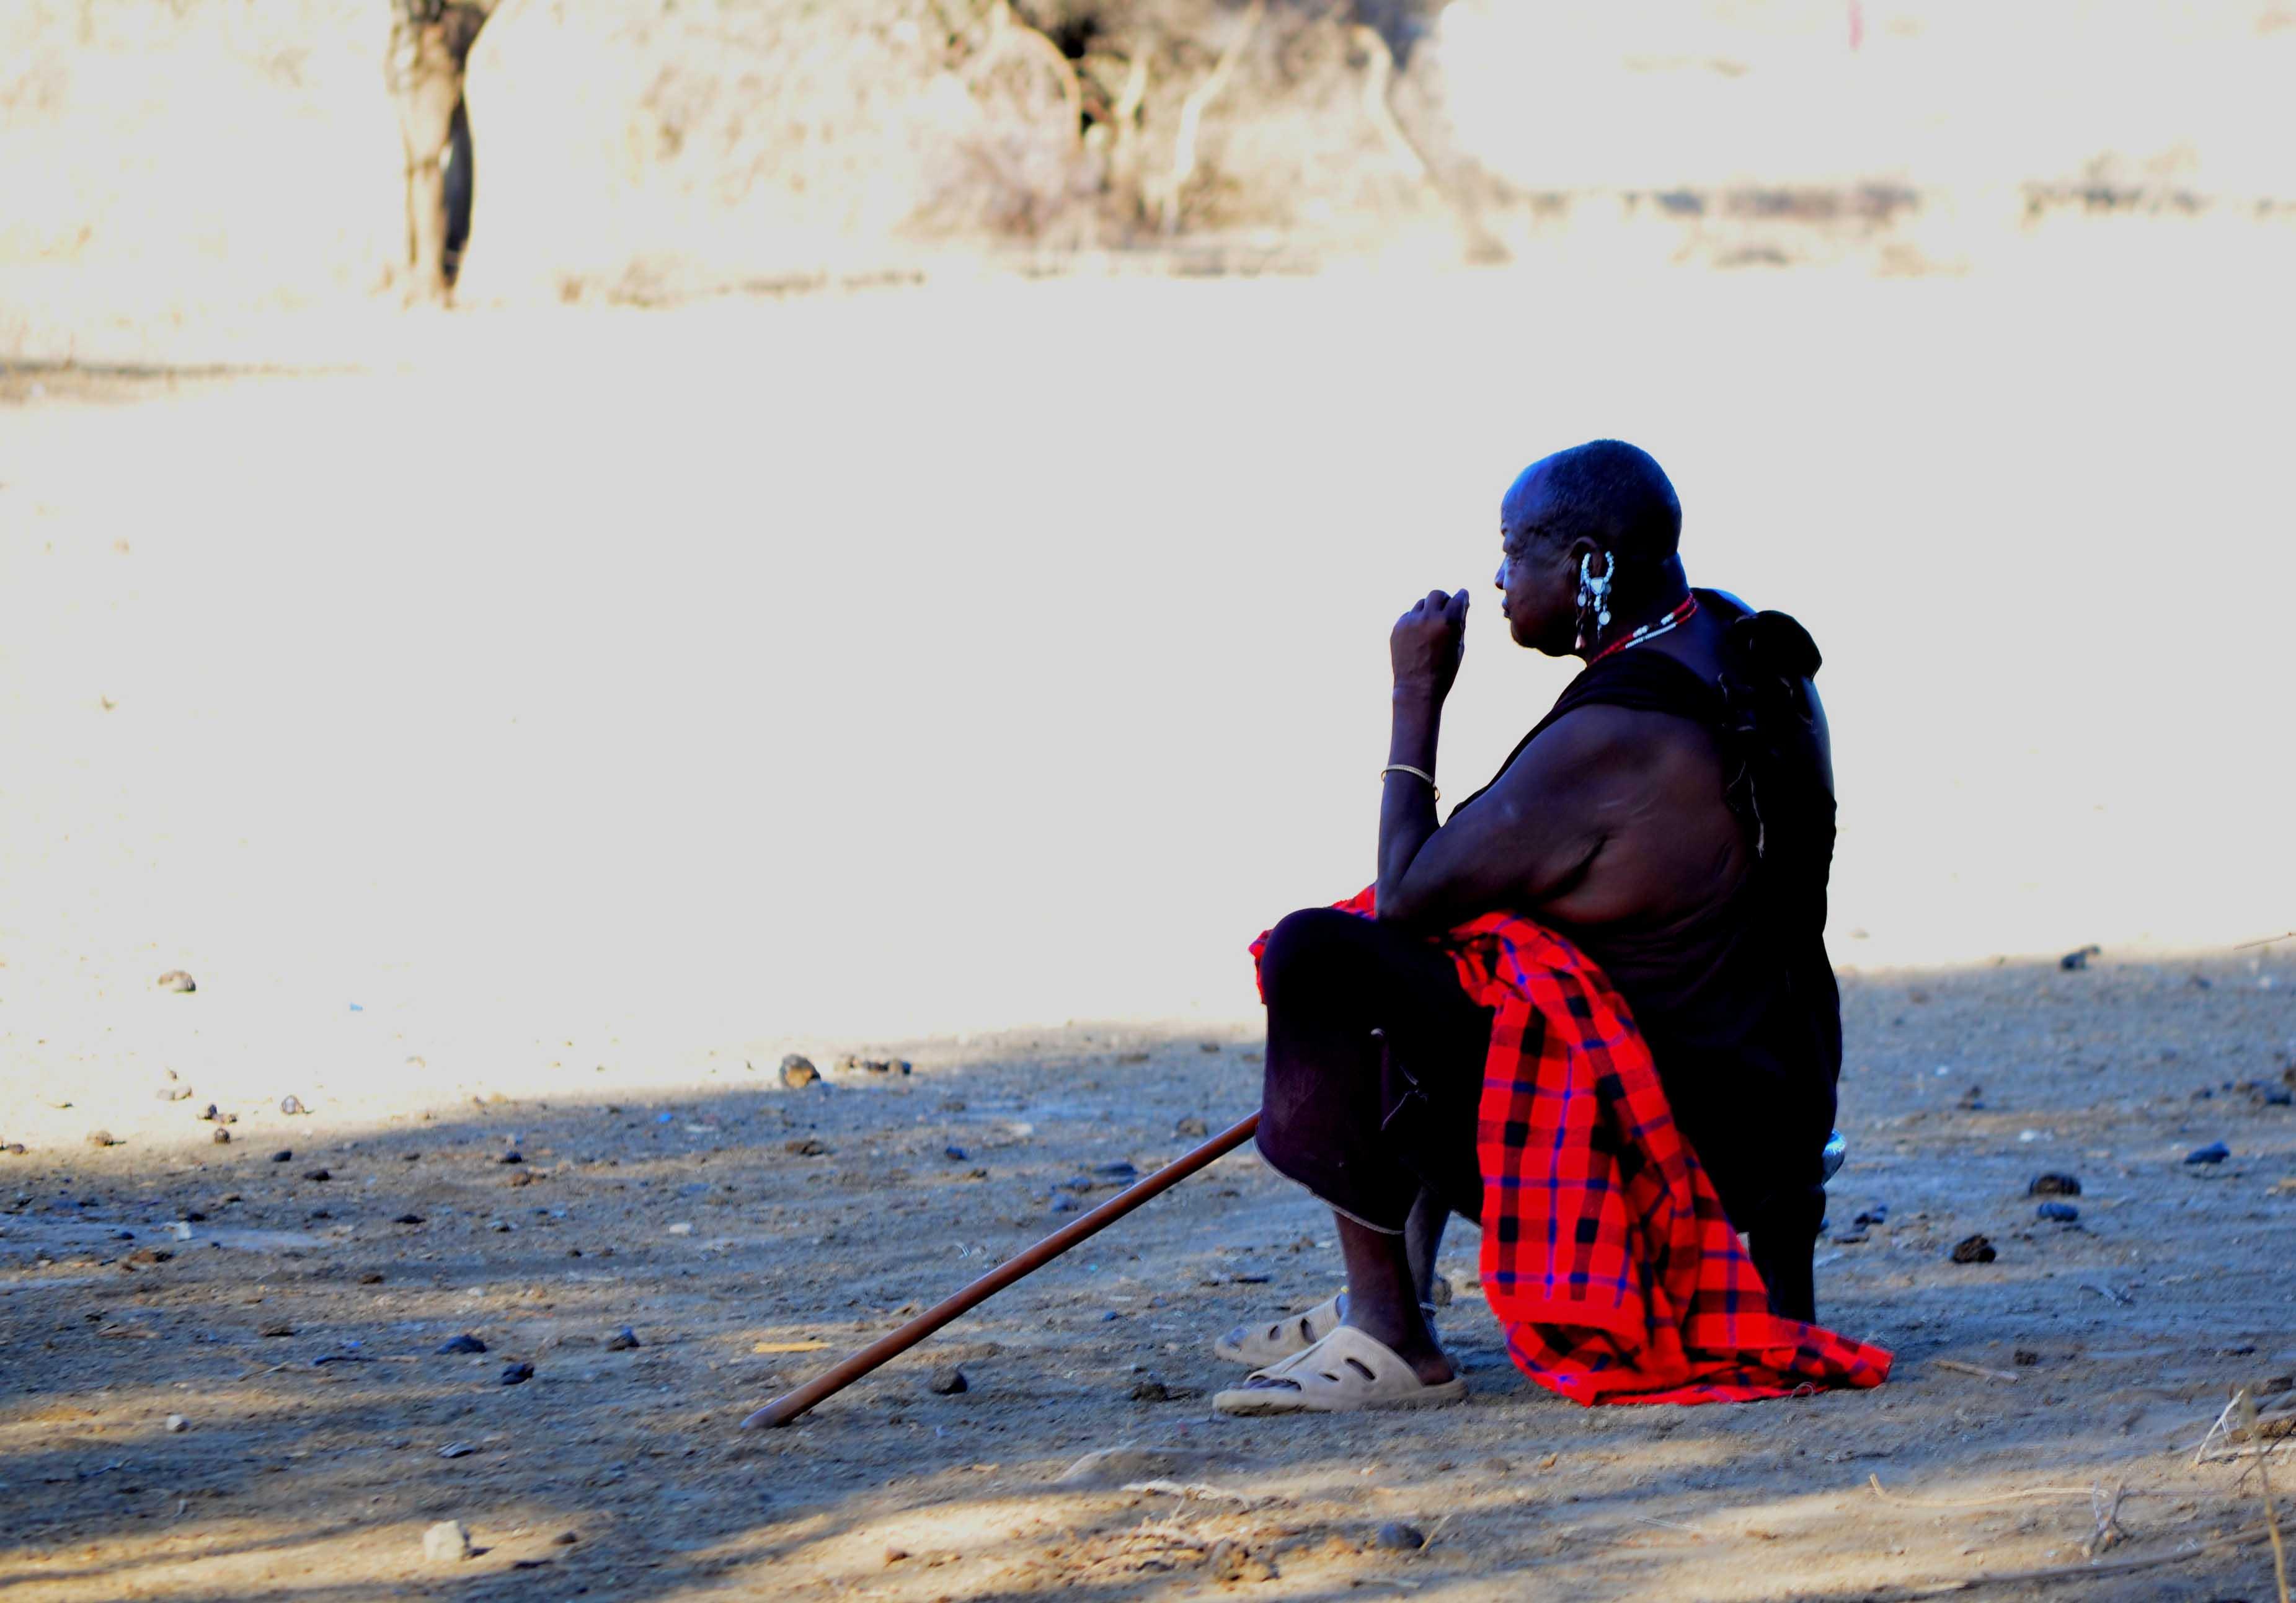 jefe masai mto wa mbu